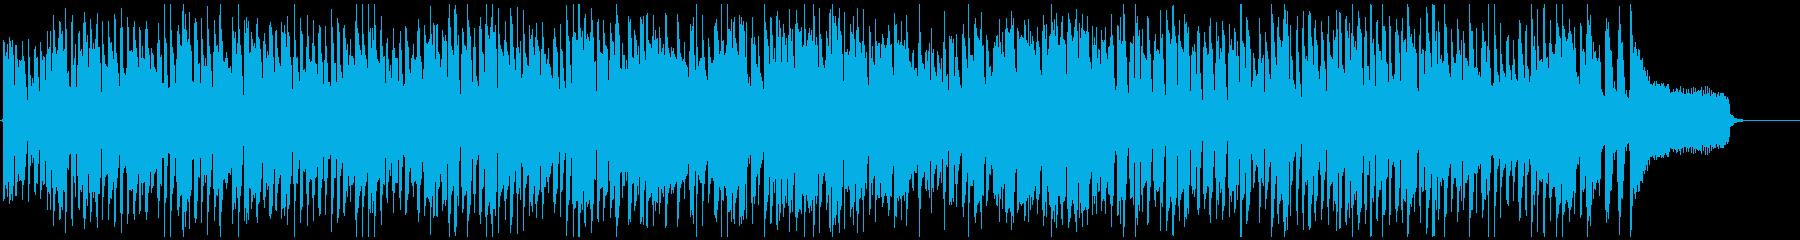 ハッピー嬉しいリコーダーの楽しいポップスの再生済みの波形